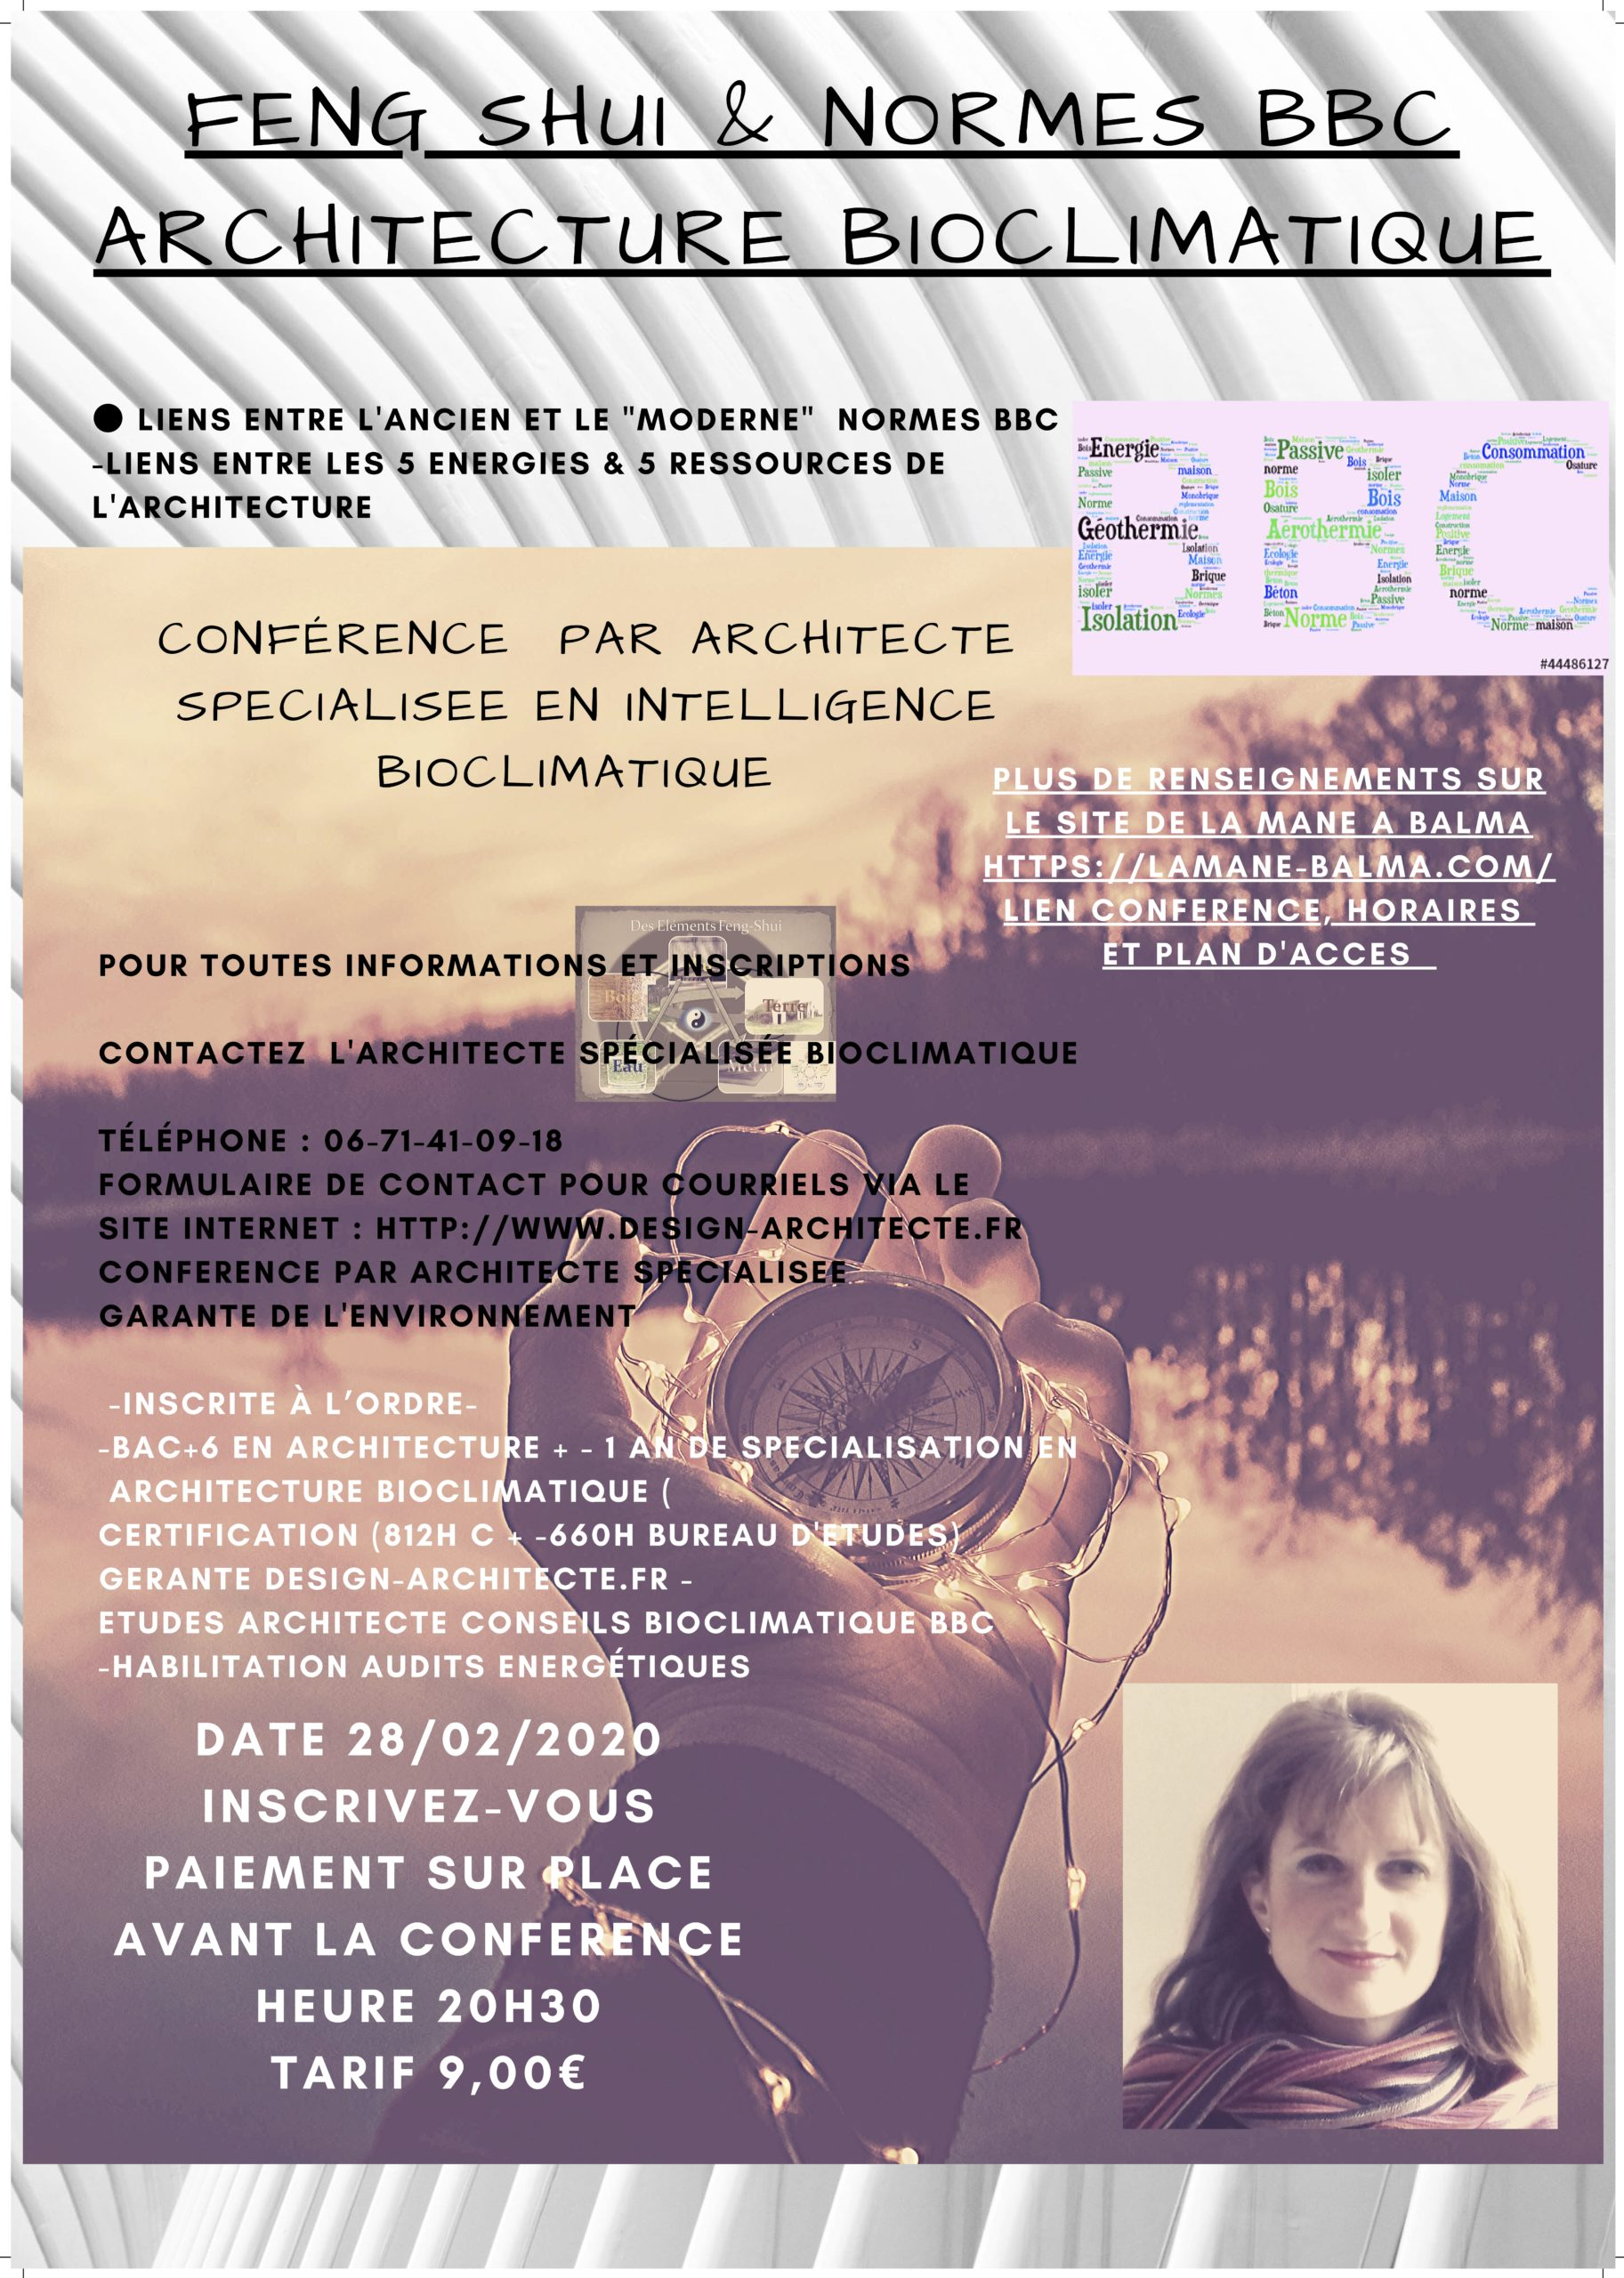 Conférence : Feng shui et architecture bioclimatique-normes BBC